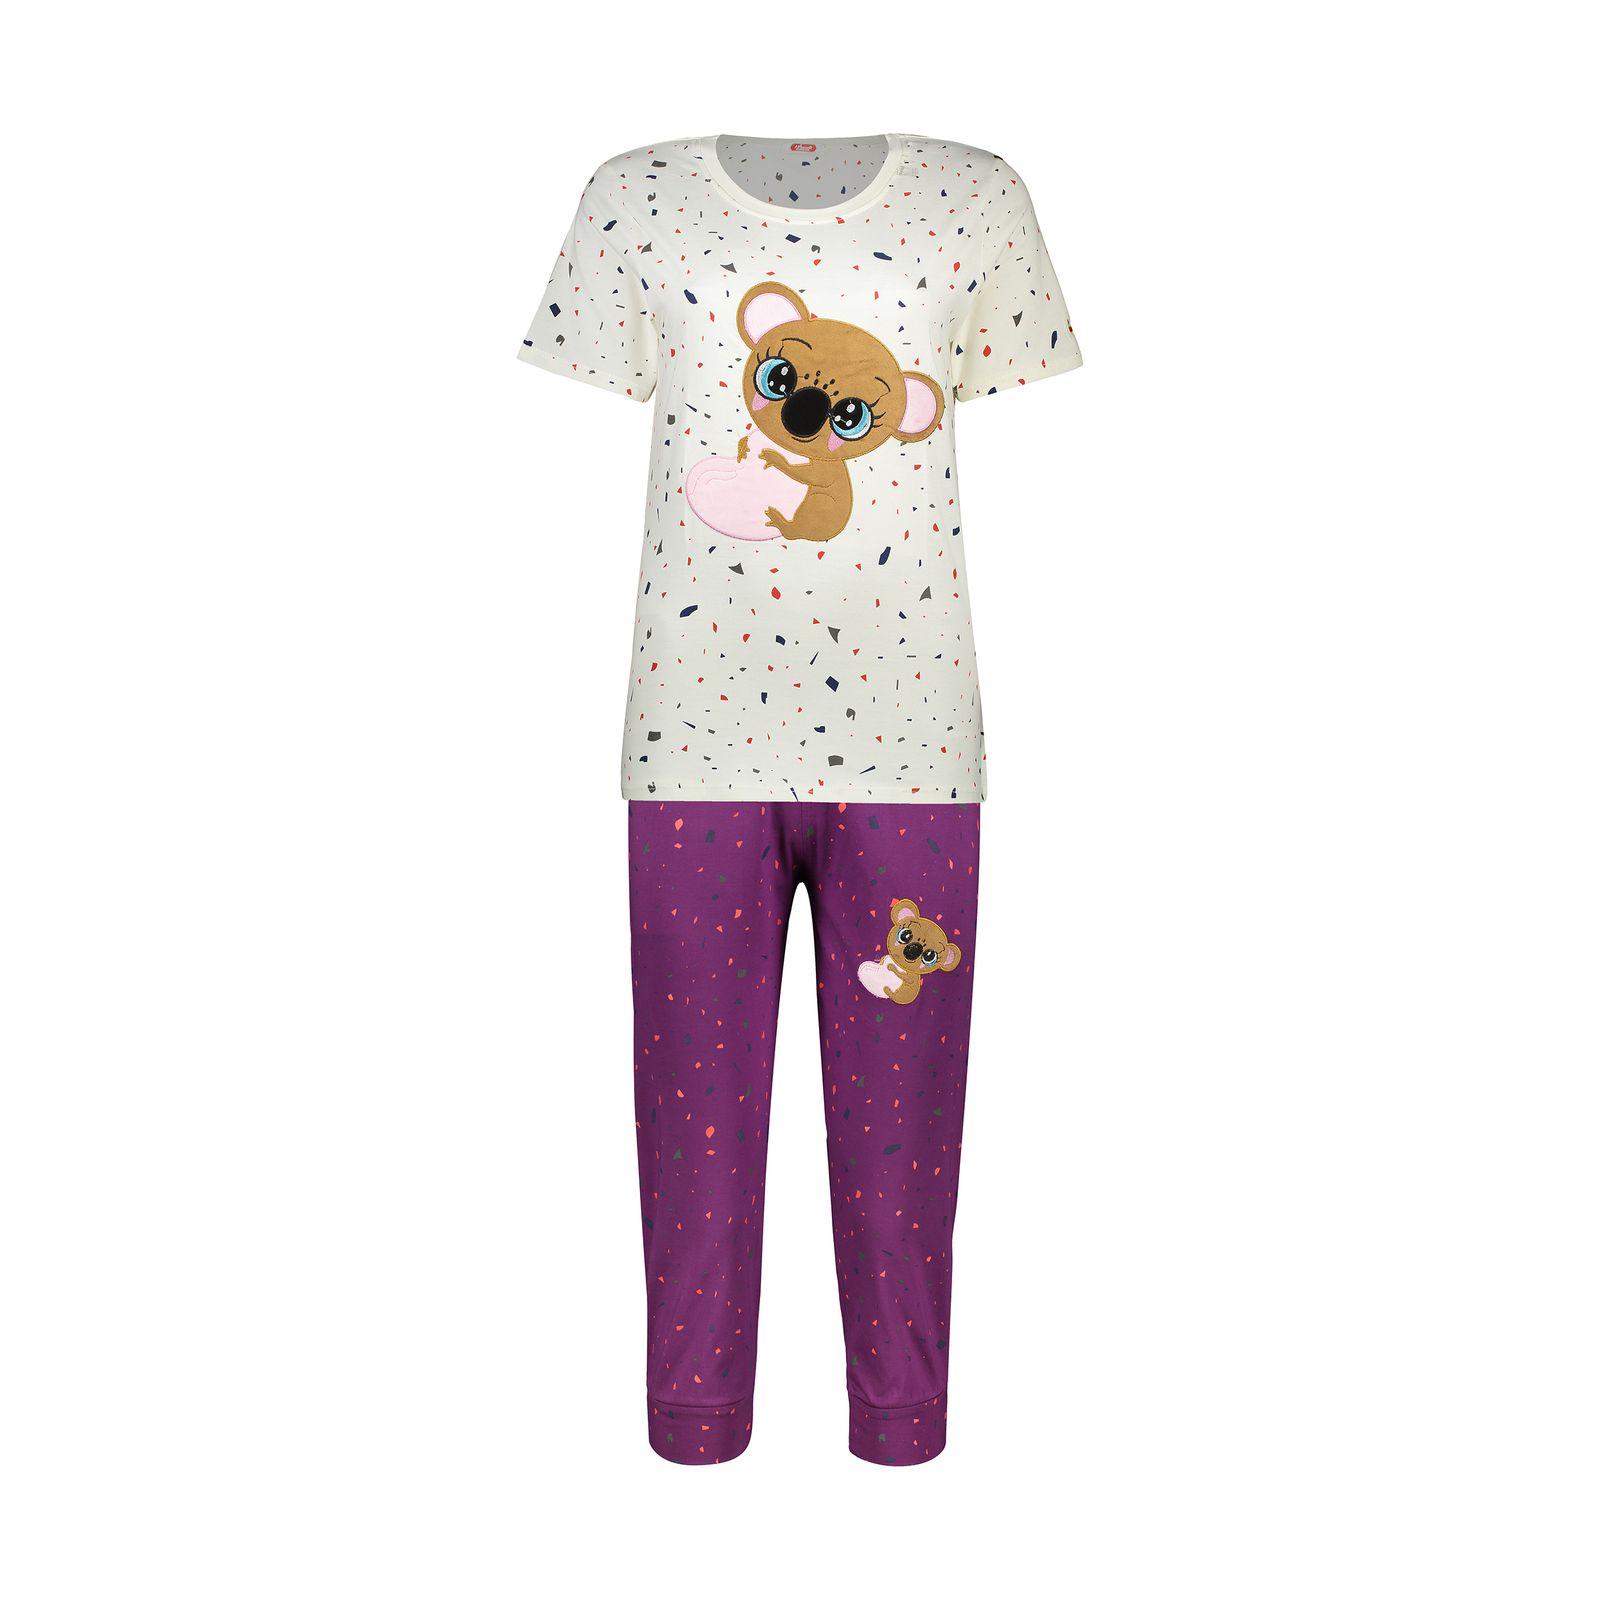 ست تی شرت و شلوارک راحتی زنانه مادر مدل 2041103-67 -  - 2